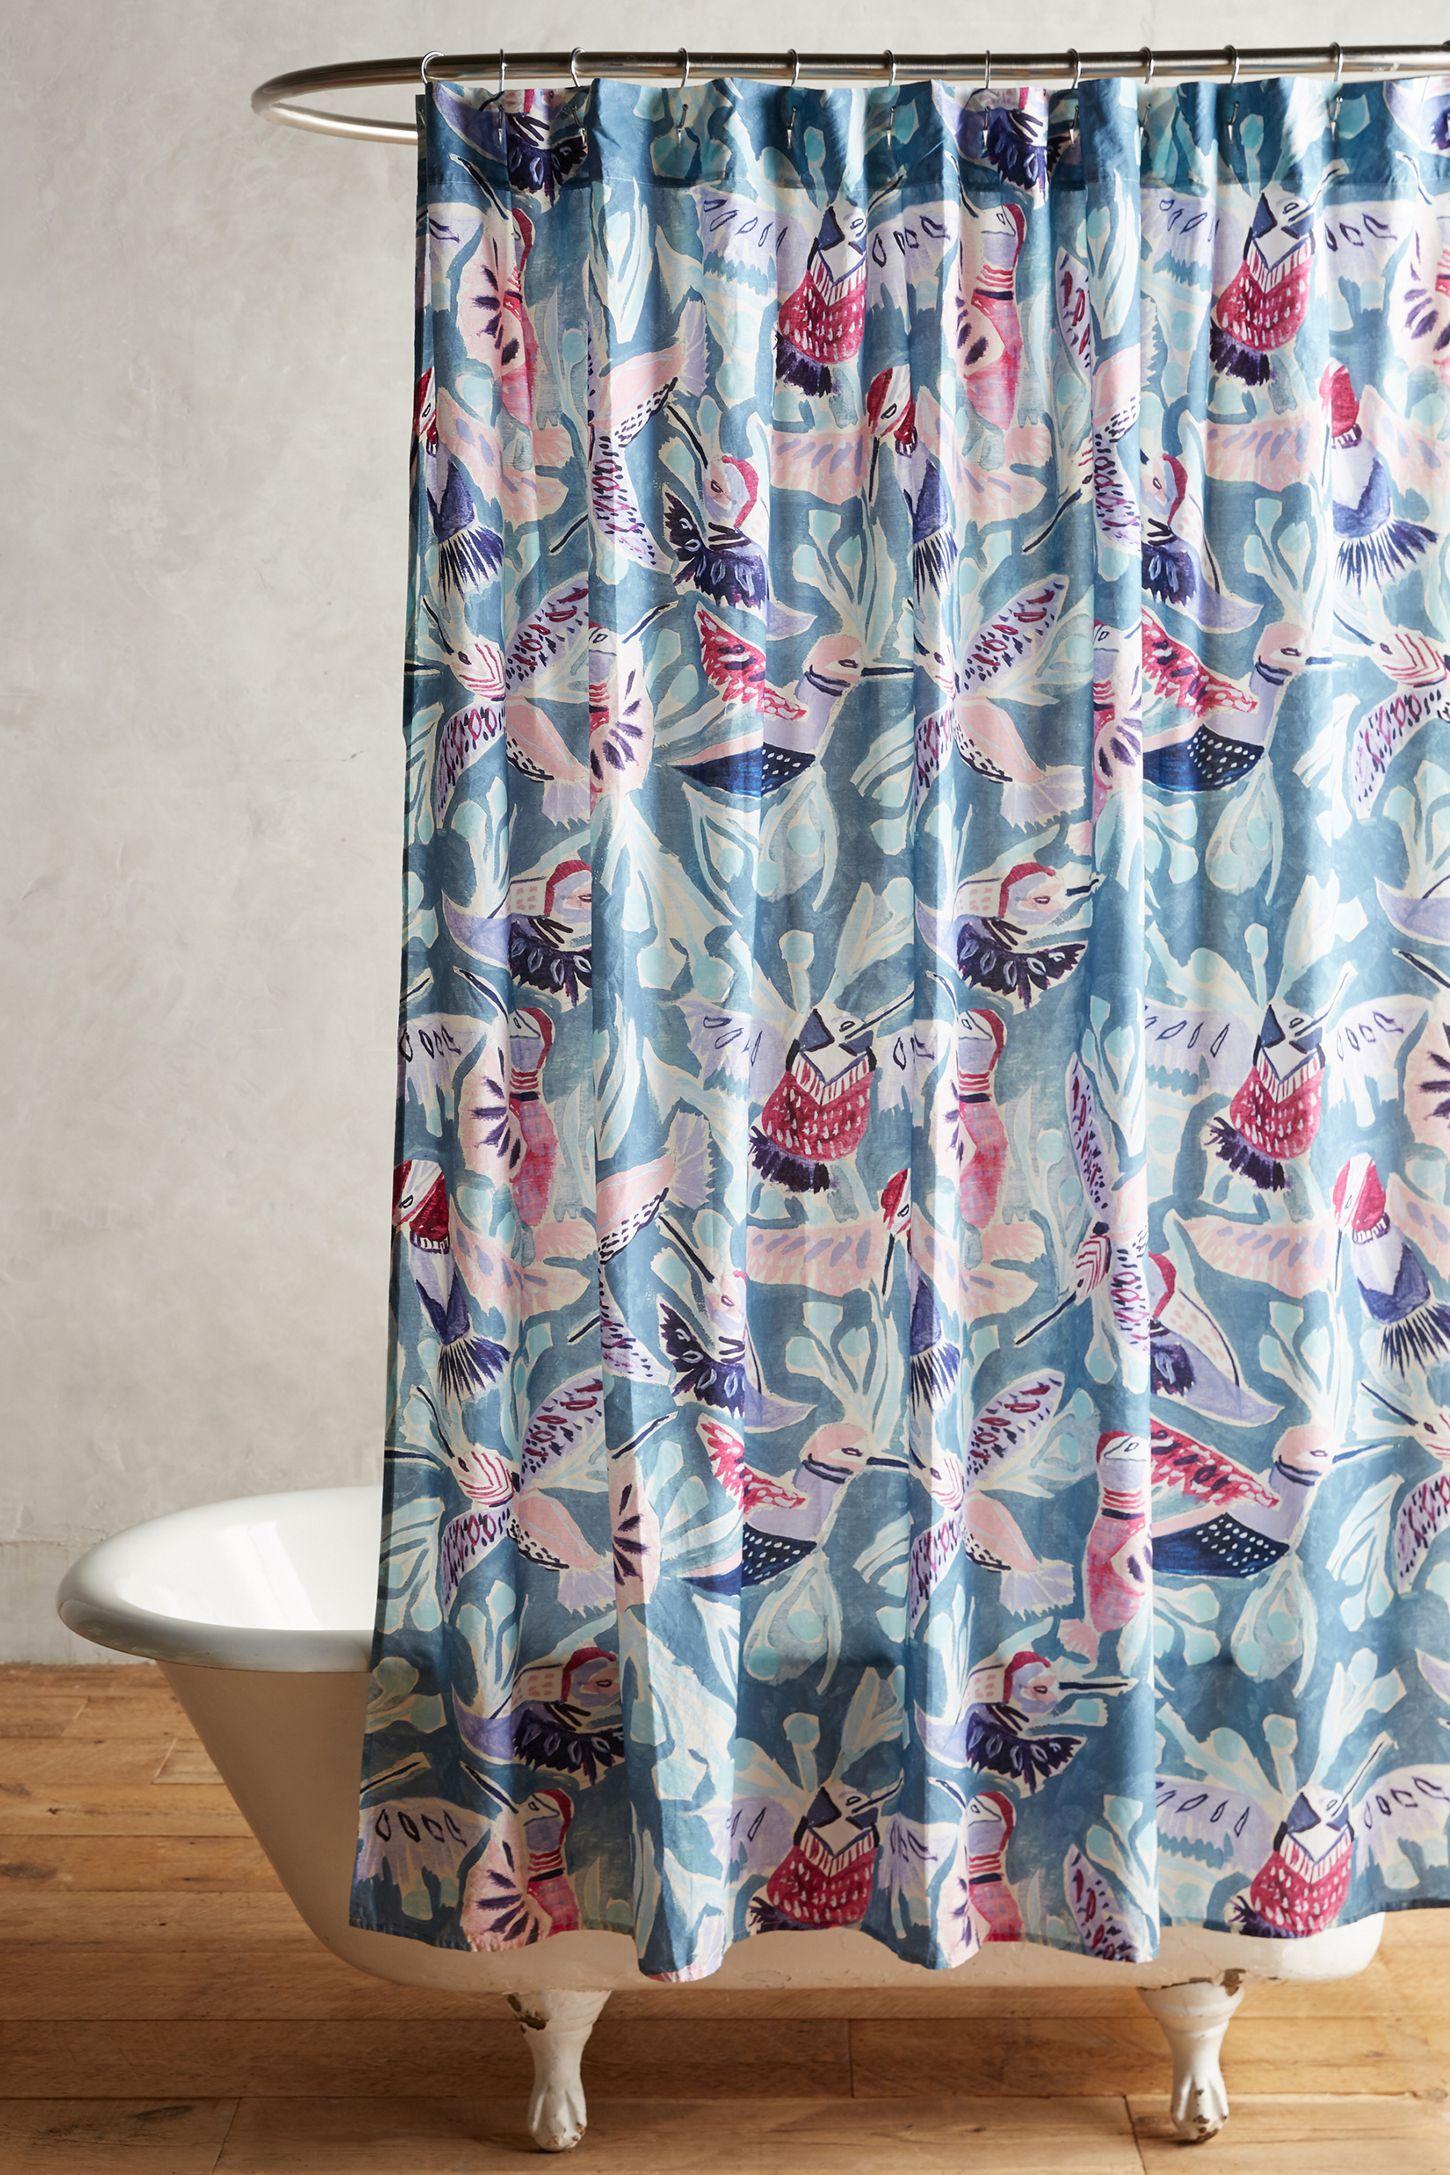 Painted Bird Shower Curtain | Anthropologie